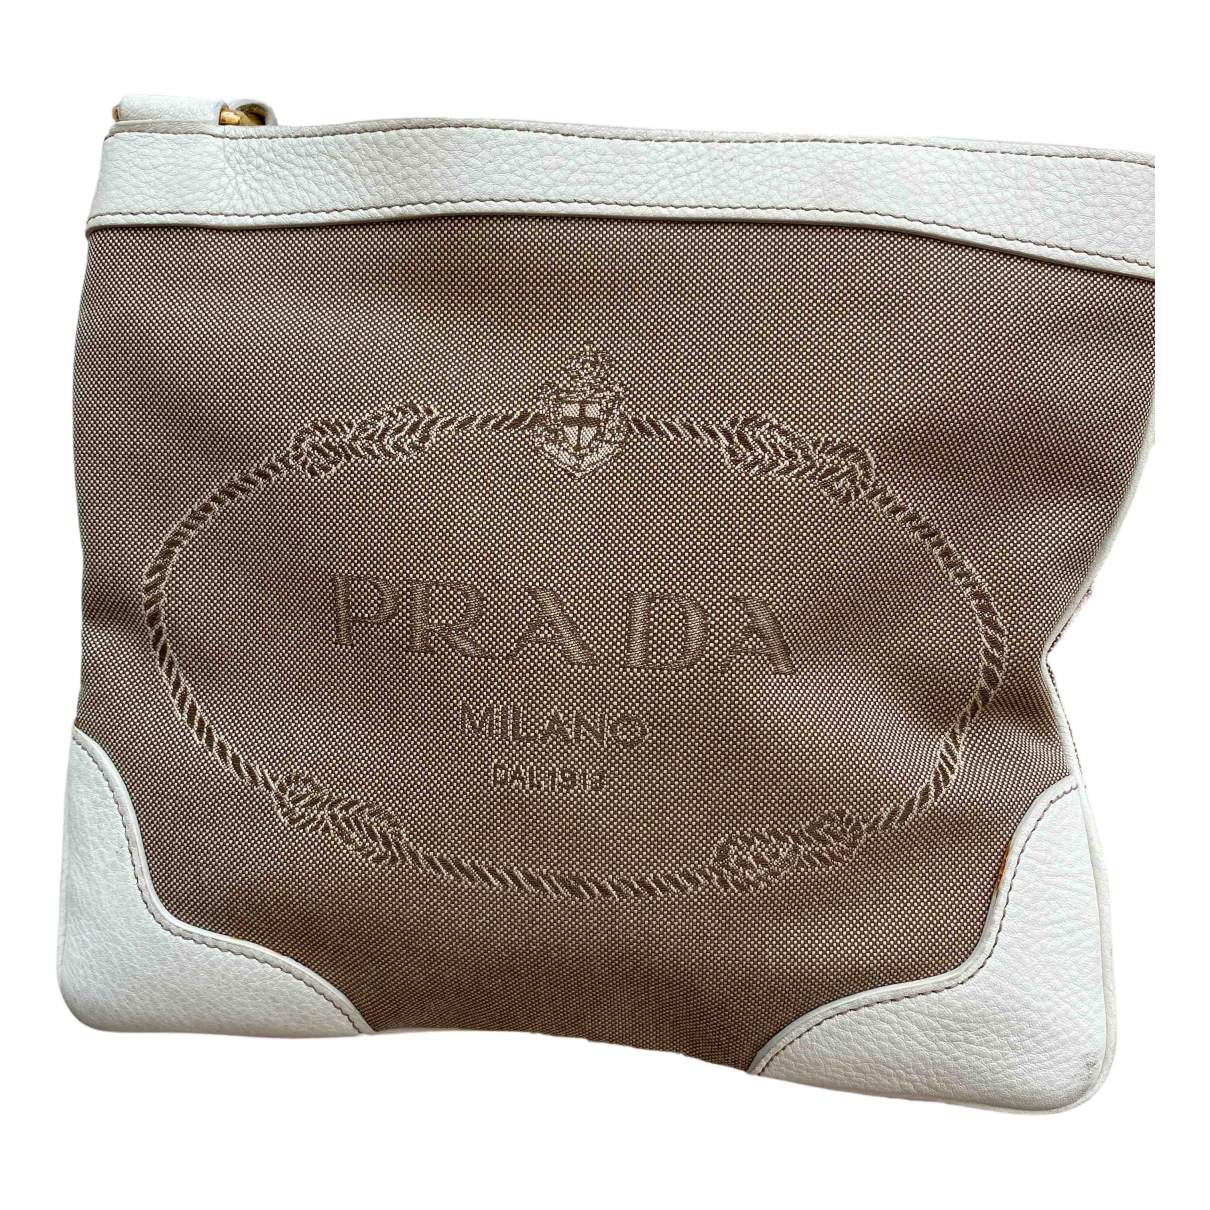 Prada N Beige Cloth handbag for Women N